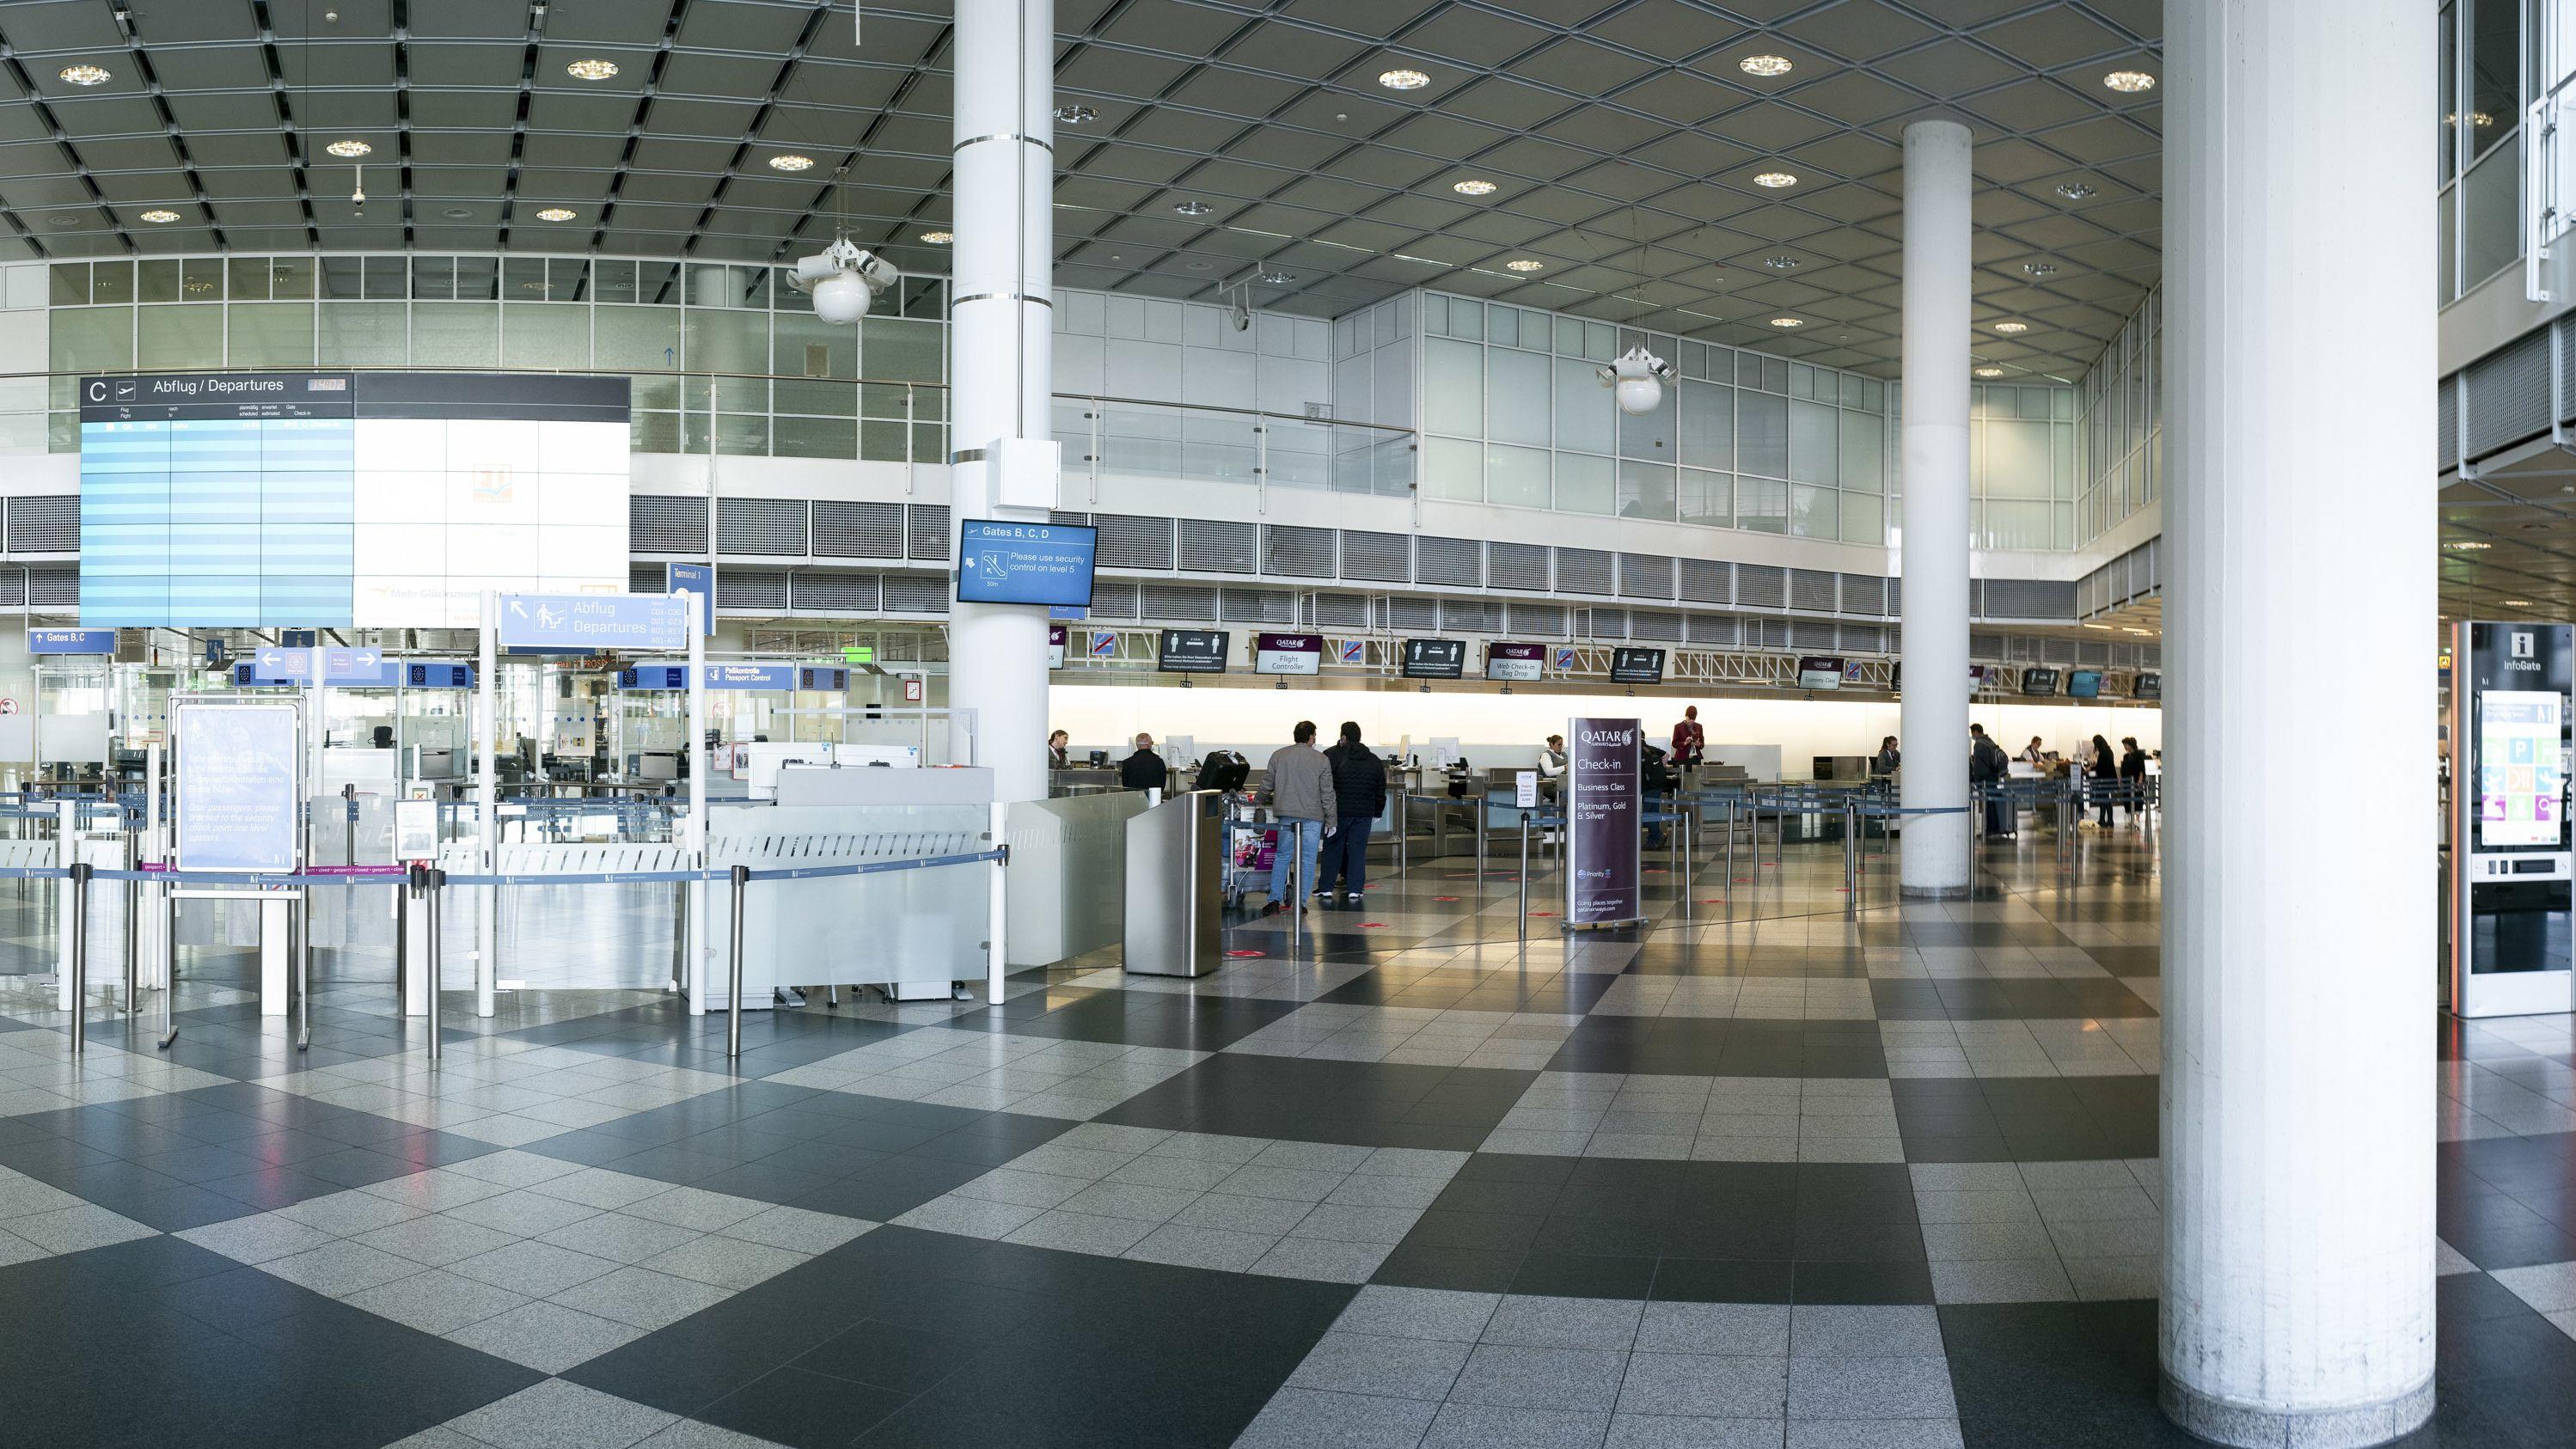 Flughafen München, Abfertigungshalle, Terminal 1